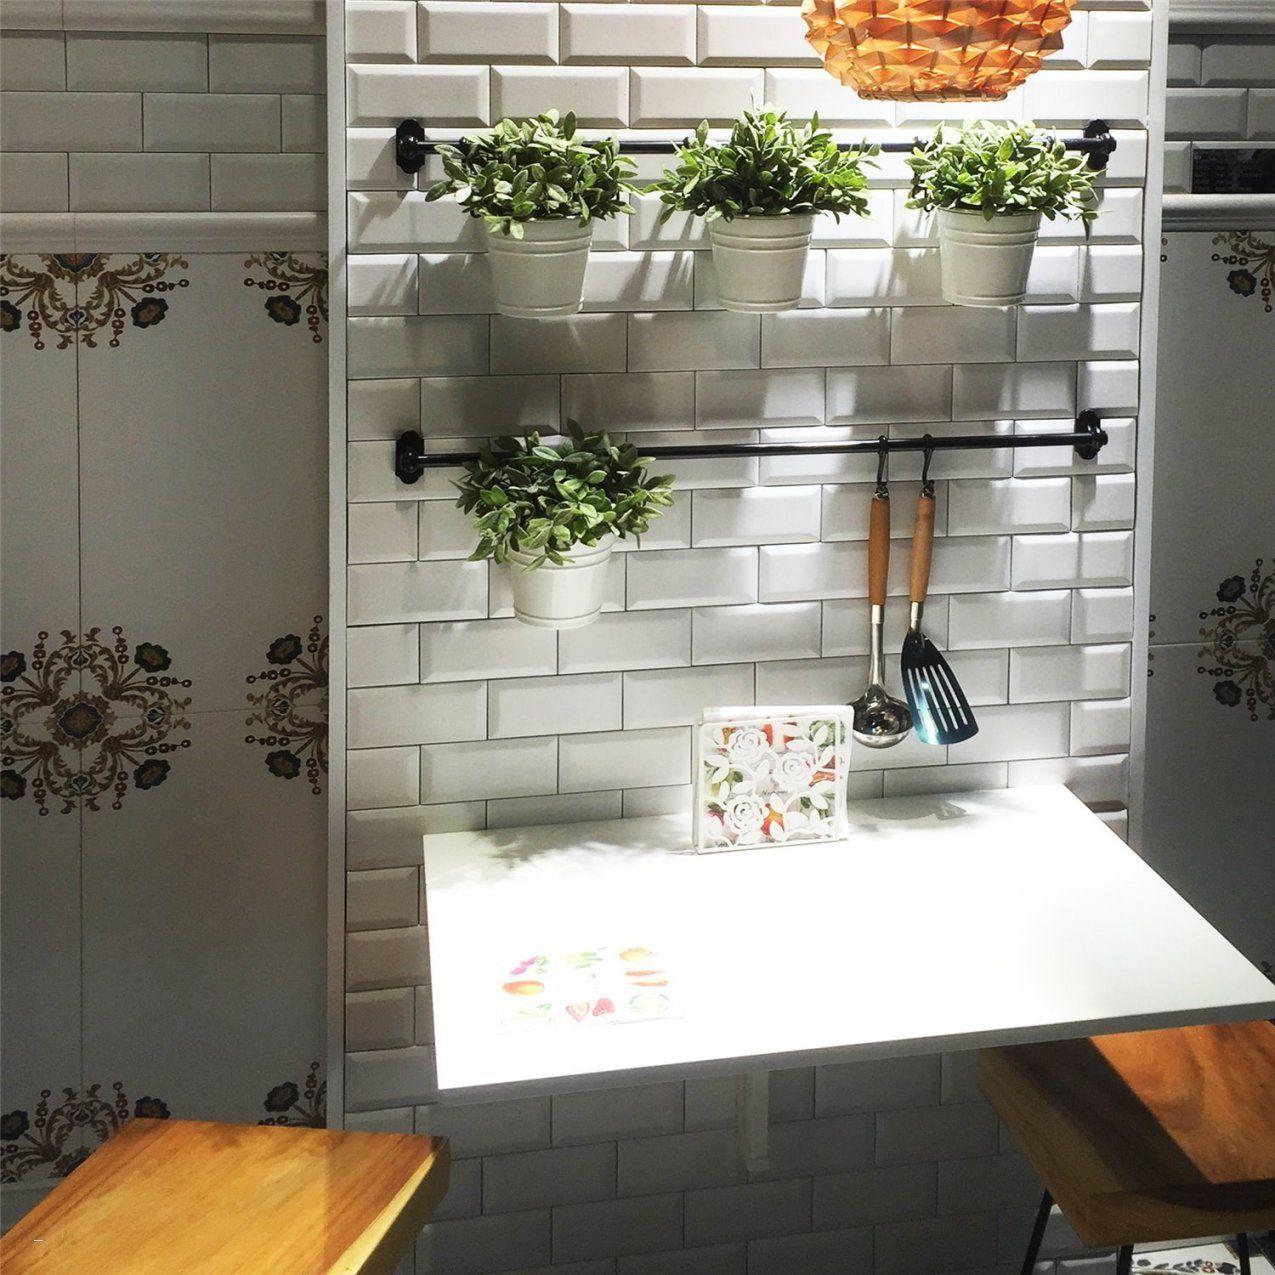 Abwaschbare Farbe Statt Fliesen Küche Genial 42 Attraktiv Küchen von Abwaschbare Farbe Statt Fliesen Küche Photo